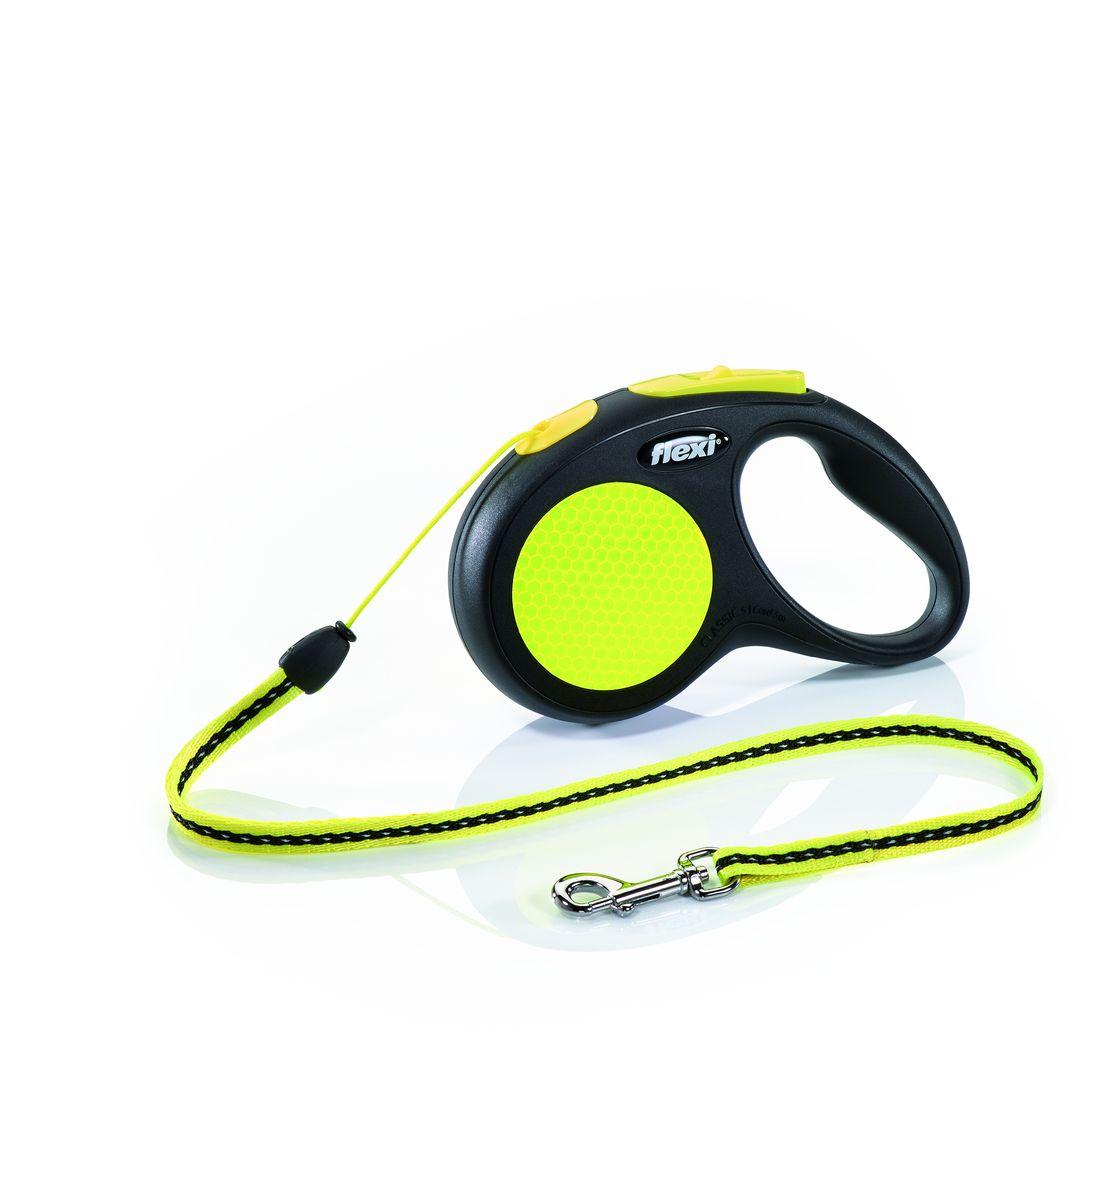 Поводок-рулетка Flexi Neon New Classic S, трос, для собак весом до 12 кг, 5 м25215Тросовый поводок-рулетка предназначен для выгула собак весом до 12 кг. Рулетки flexi производятся в Германии более 40 лет и особое внимание уделяется обеспечению безопасности и комфорта использования: - обновленная эргономичная кнопка системы торможения - запатентованная тормозная система - надежный карабин - светоотражающая наклейка на корпусе рулетки - яркий трос неонового цвета хорошо заметен в сумерки и туман Запатентованая система сматывания и фиксации длины — дополнительное удобство, помогающее контролировать поведение животного. Корпус рулетки выполнен из ударопрочного пластика.